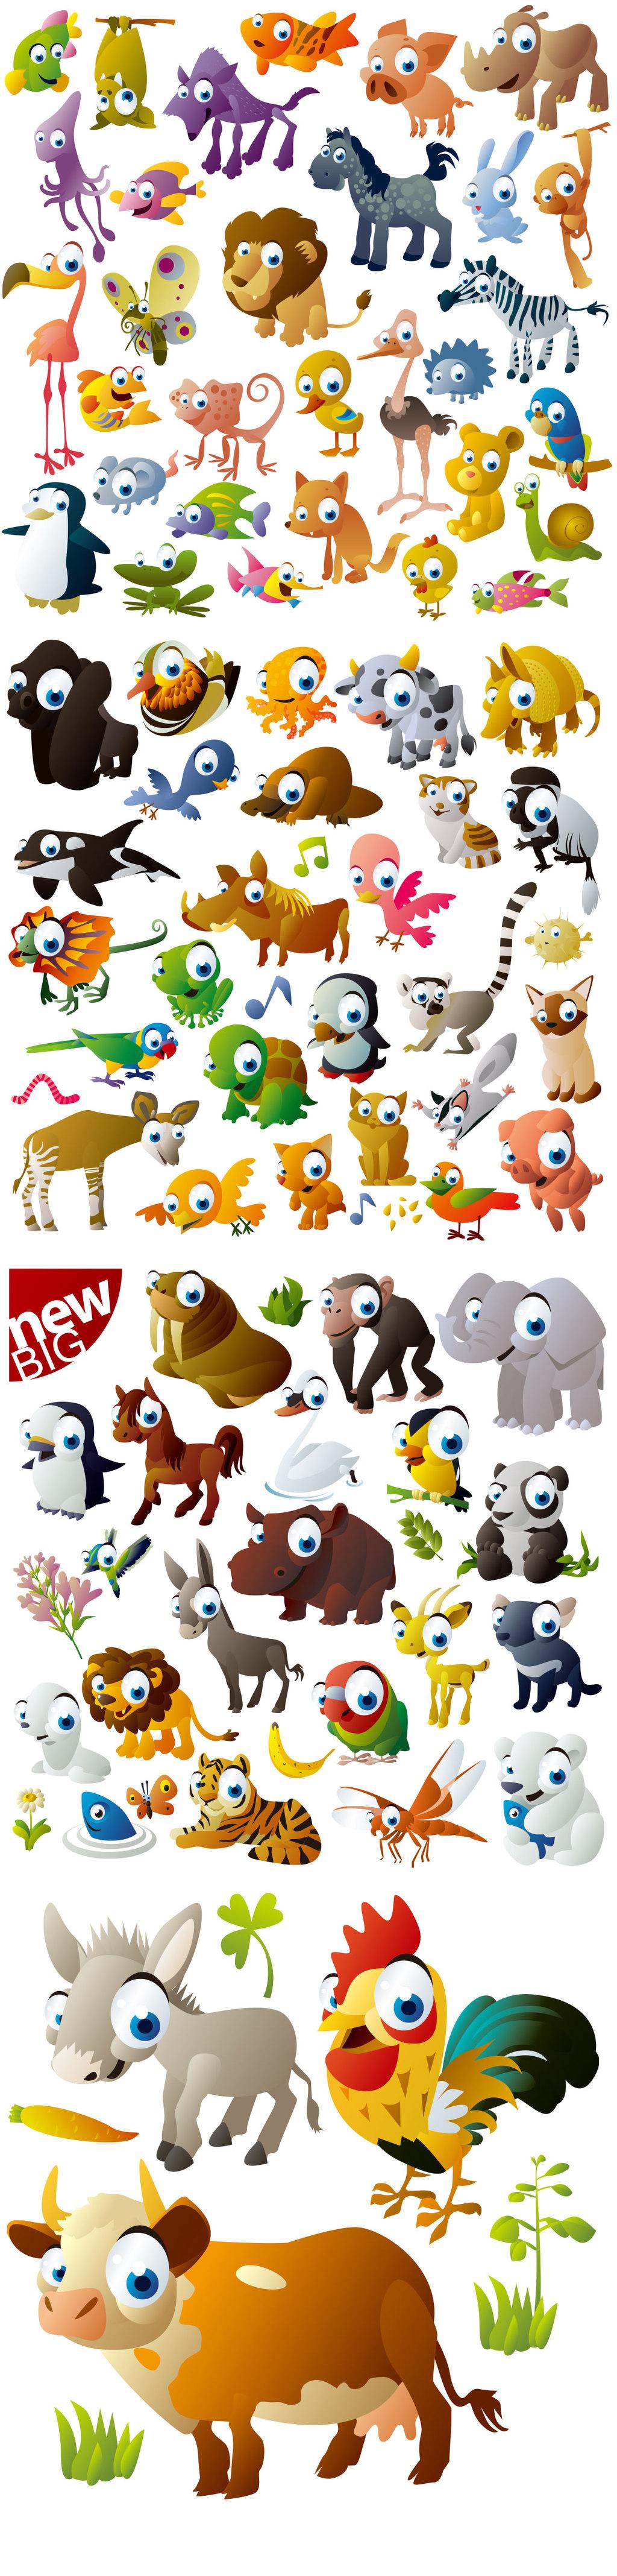 原创设计多款可爱卡通动物图标素材素材是用户qqaa